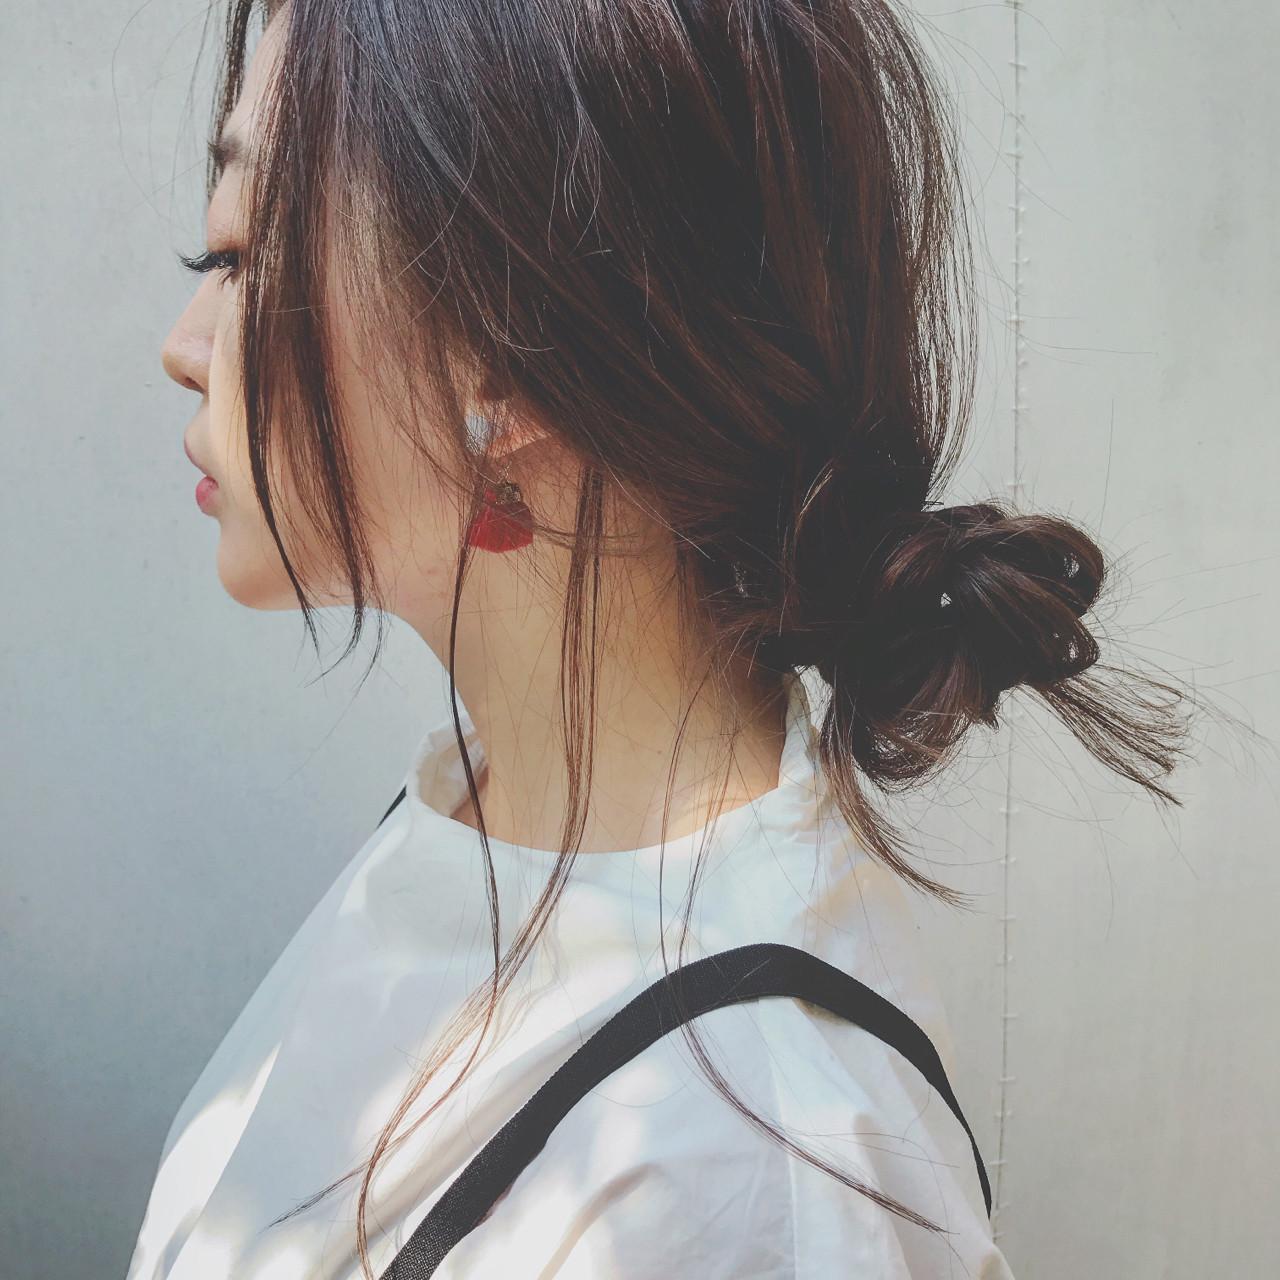 ヘアアレンジ ロング 似合わせ ヘアスタイルや髪型の写真・画像